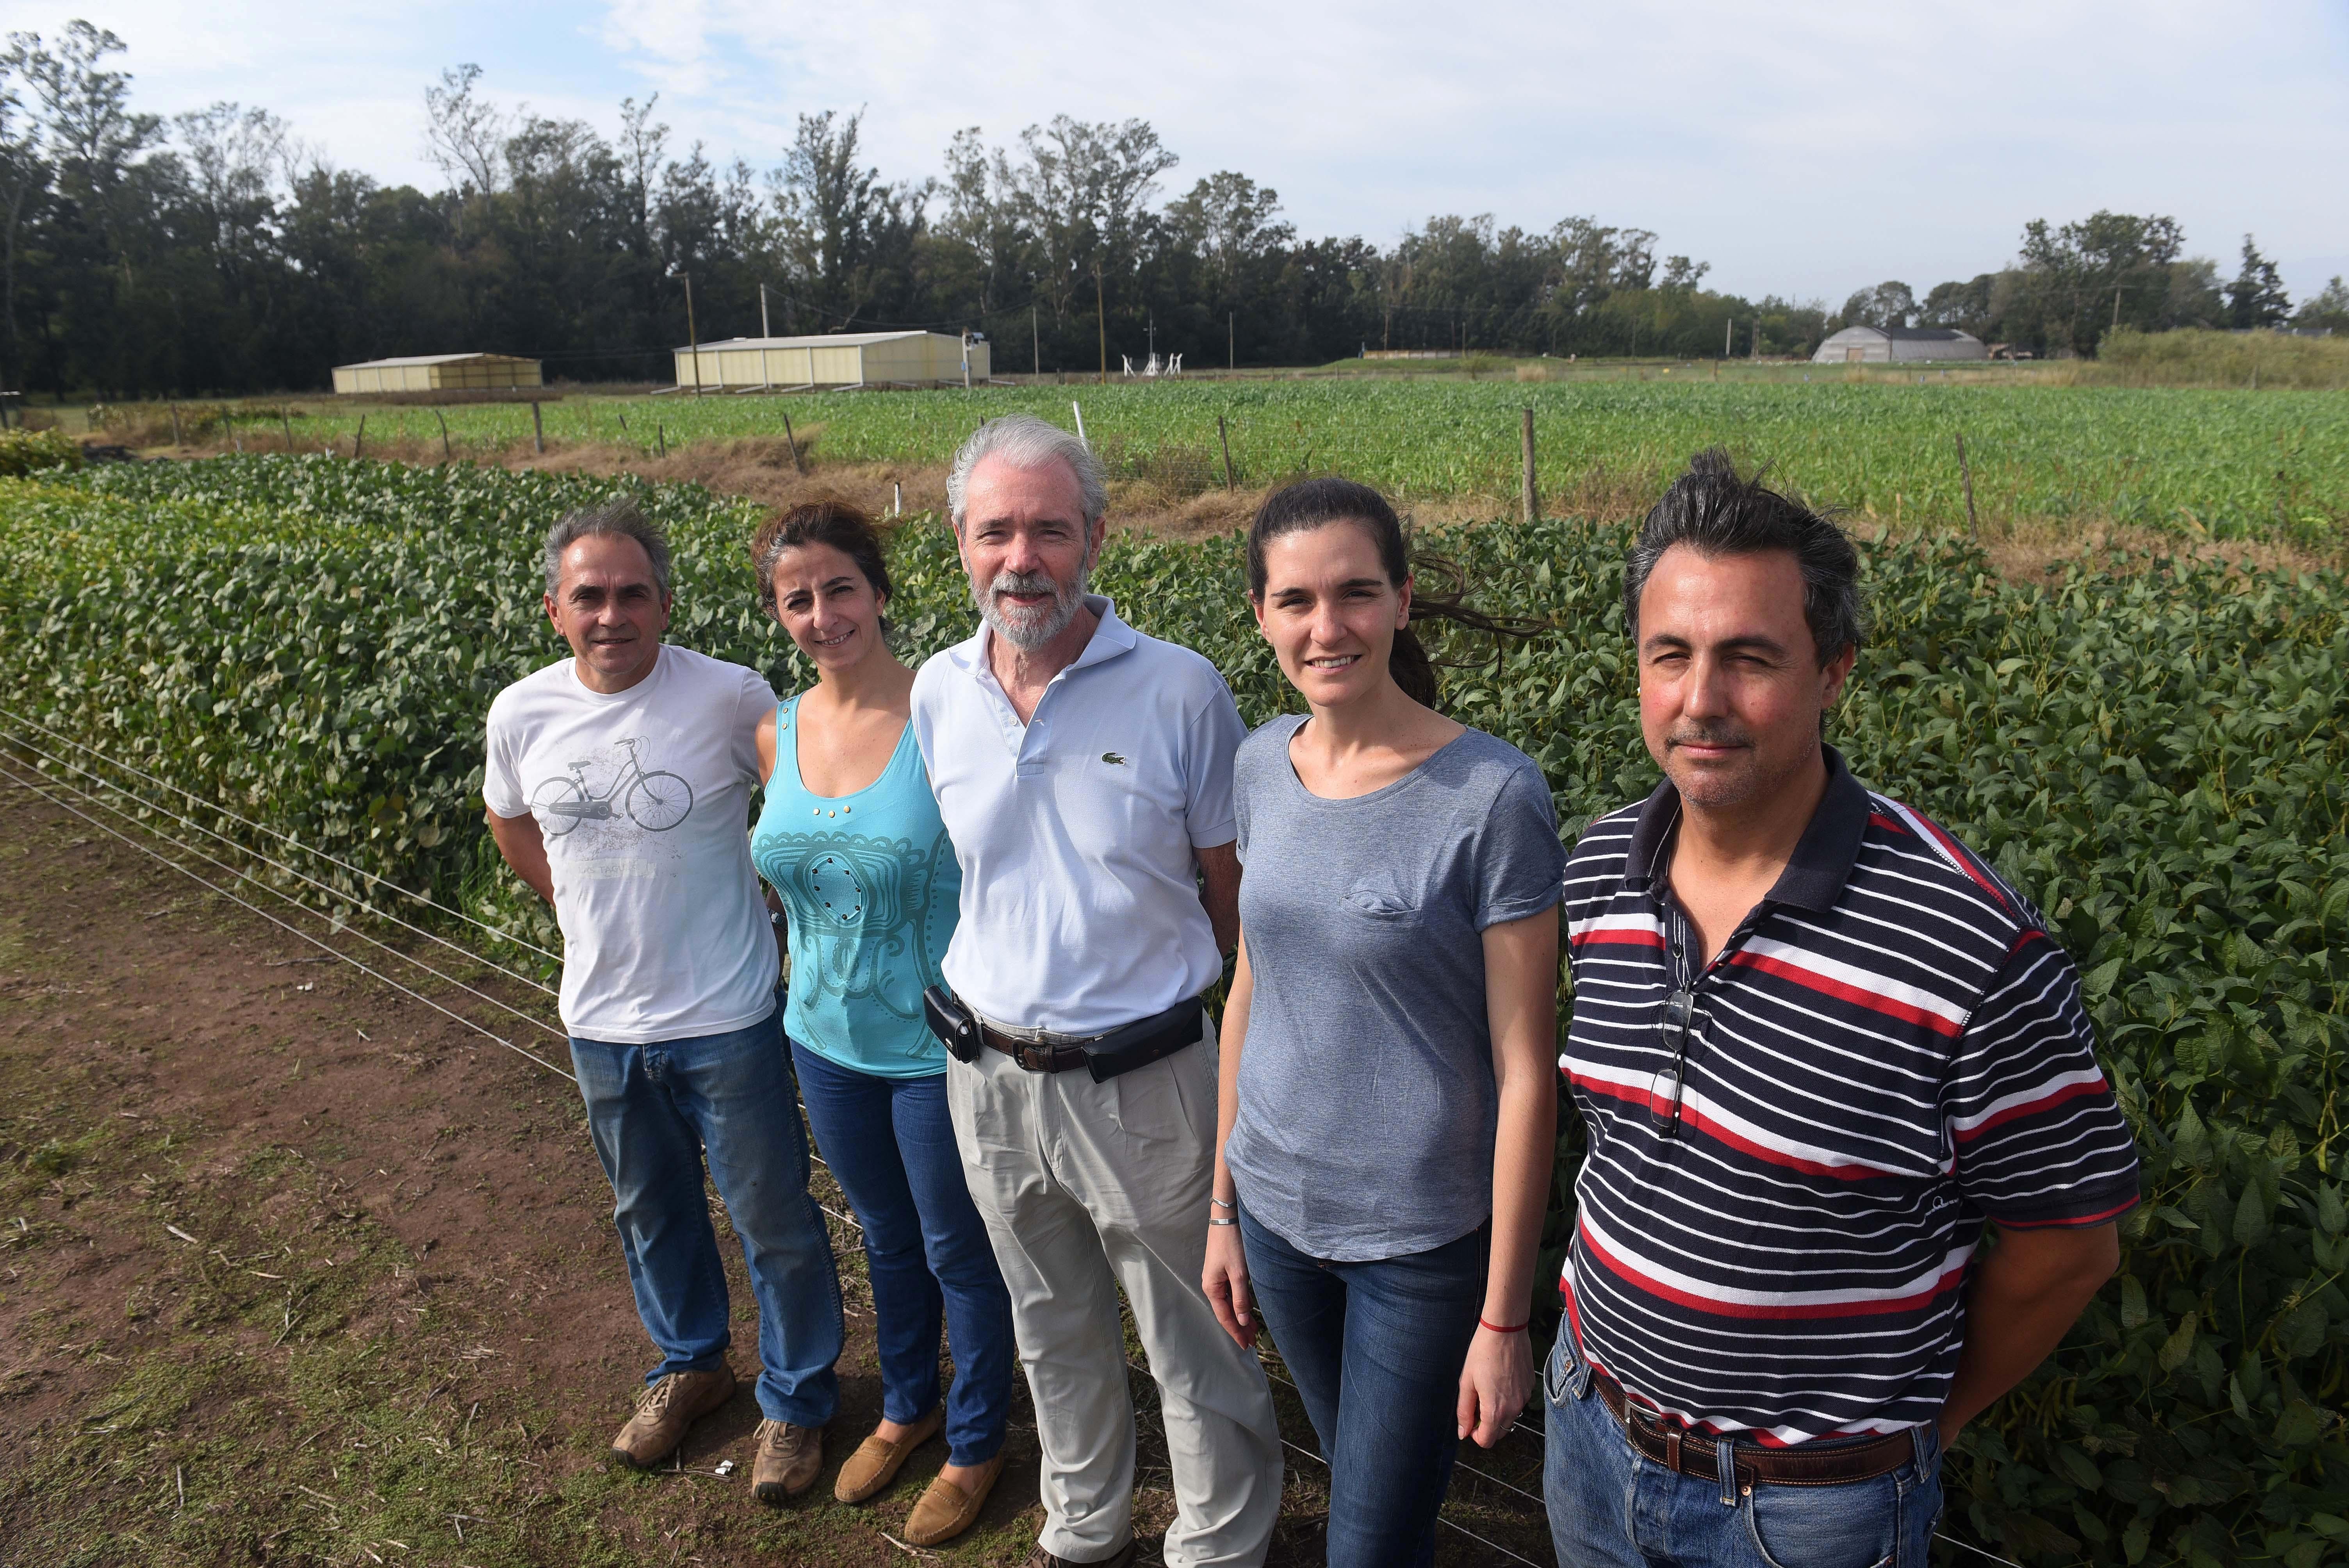 Alvaro Quijano, Julieta Bianchi, Eligio Morandi, Nidia Montechiarini y Carlos Gosparini, los científicos que desarrollaron la soja Tango 4S